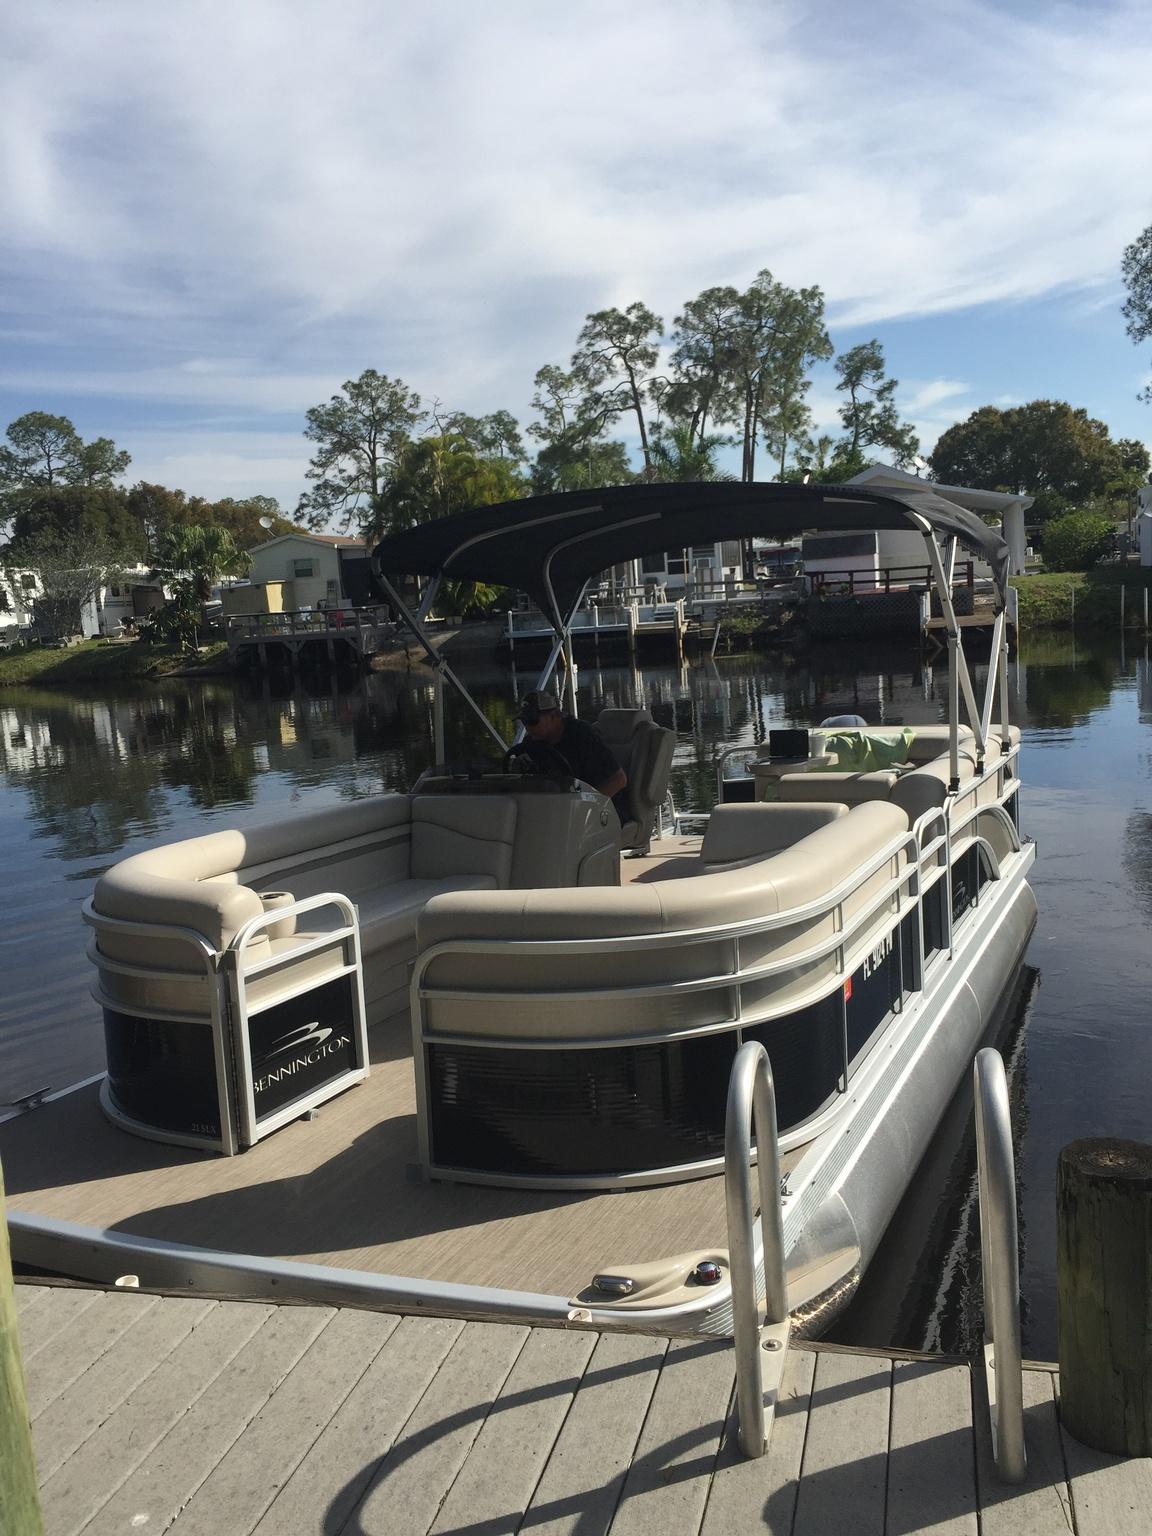 Guests may board at the FV dock